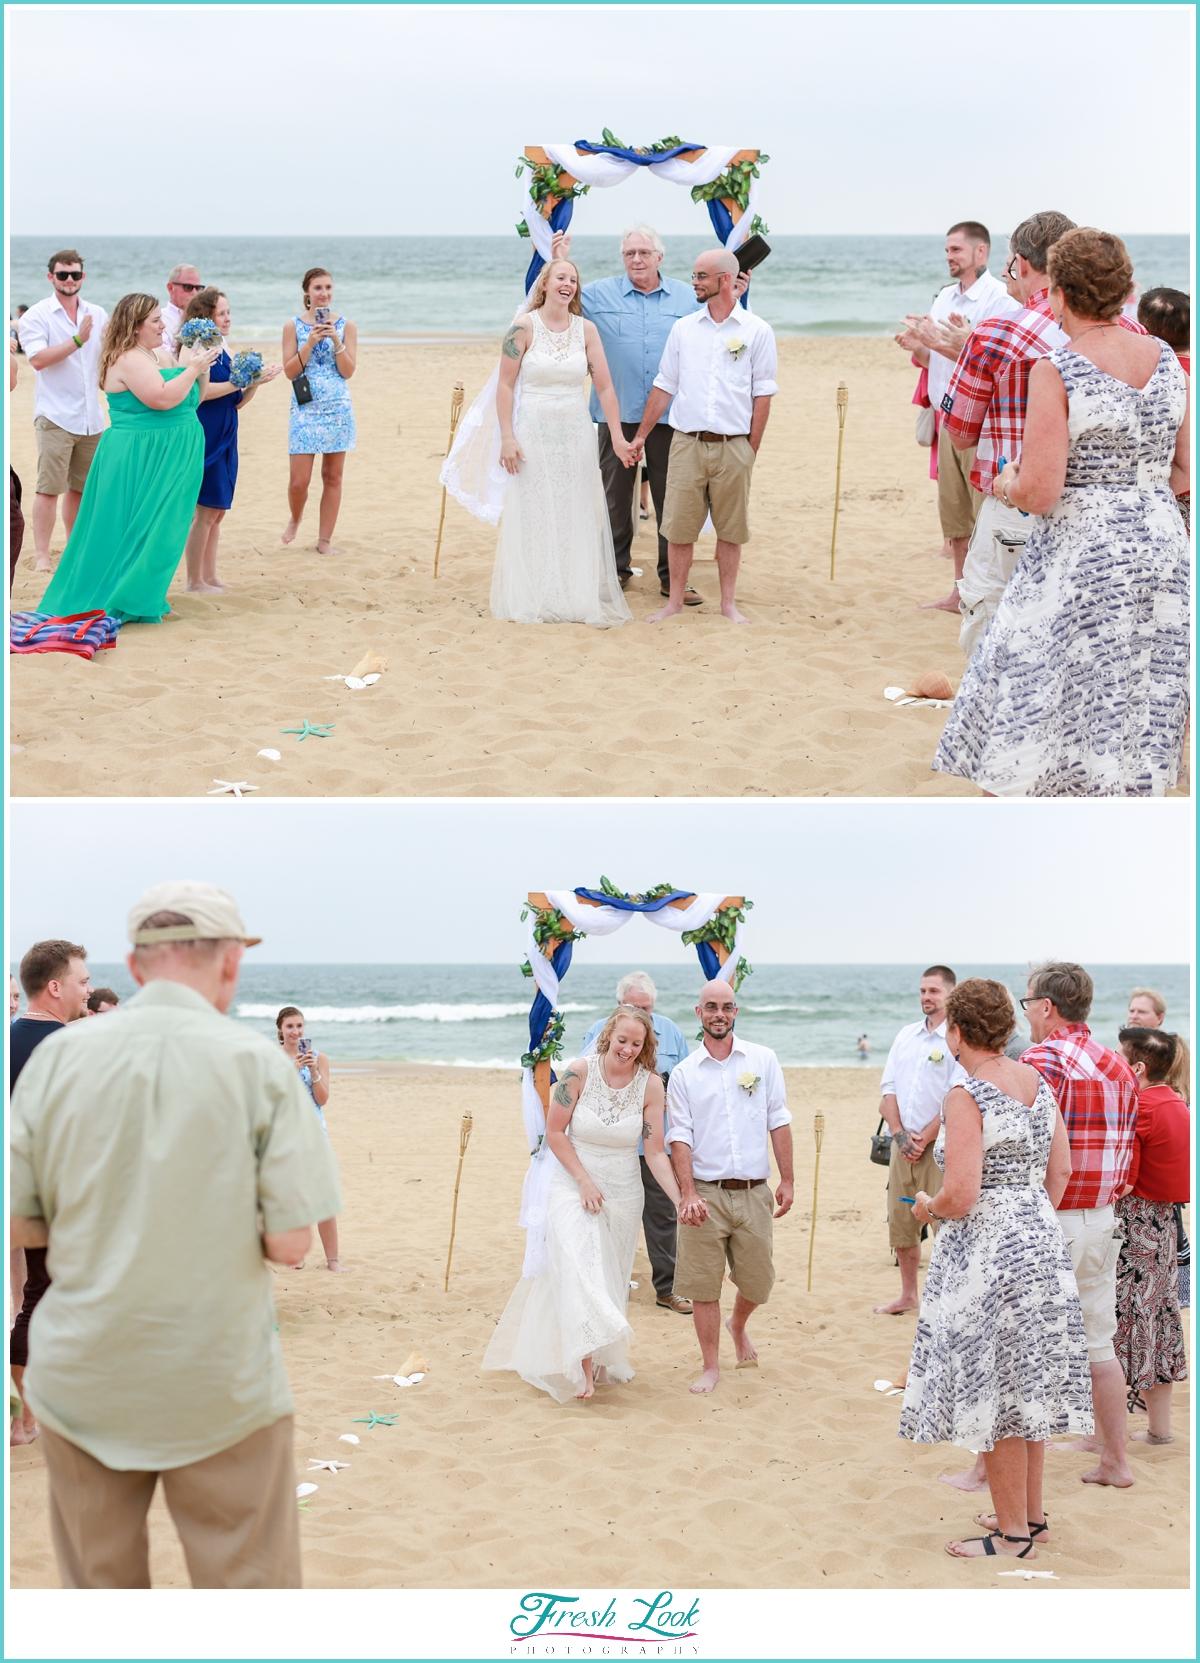 Romantic beach wedding ceremony